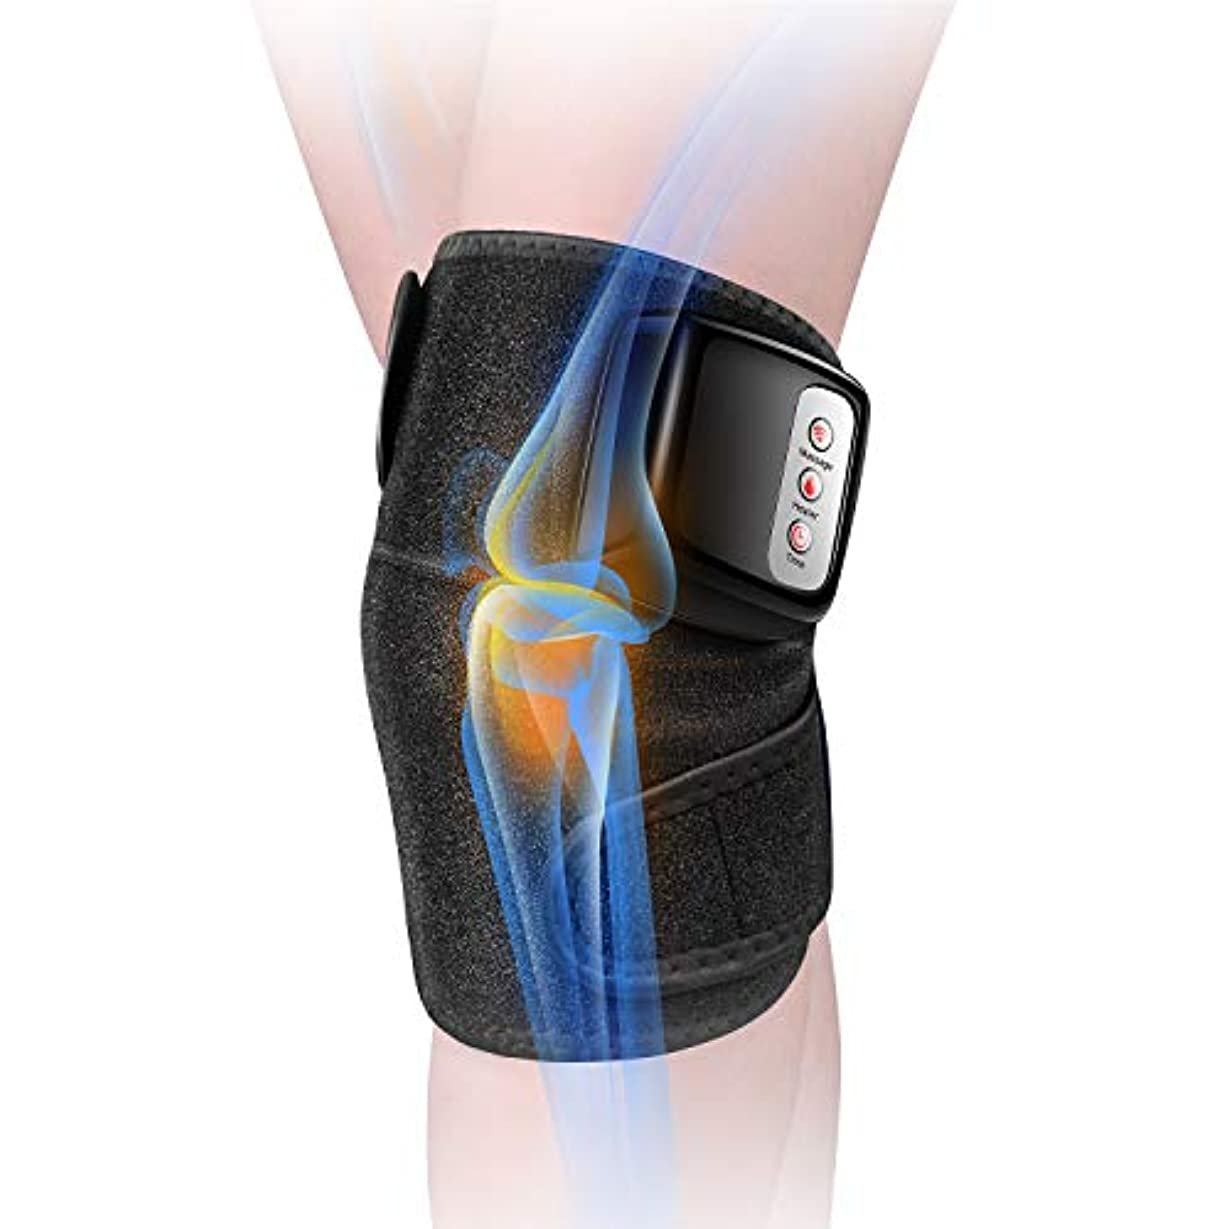 スキッパー変数夕暮れ膝マッサージャー 関節マッサージャー マッサージ器 フットマッサージャー 振動 赤外線療法 温熱療法 膝サポーター ストレス解消 肩 太もも/腕対応